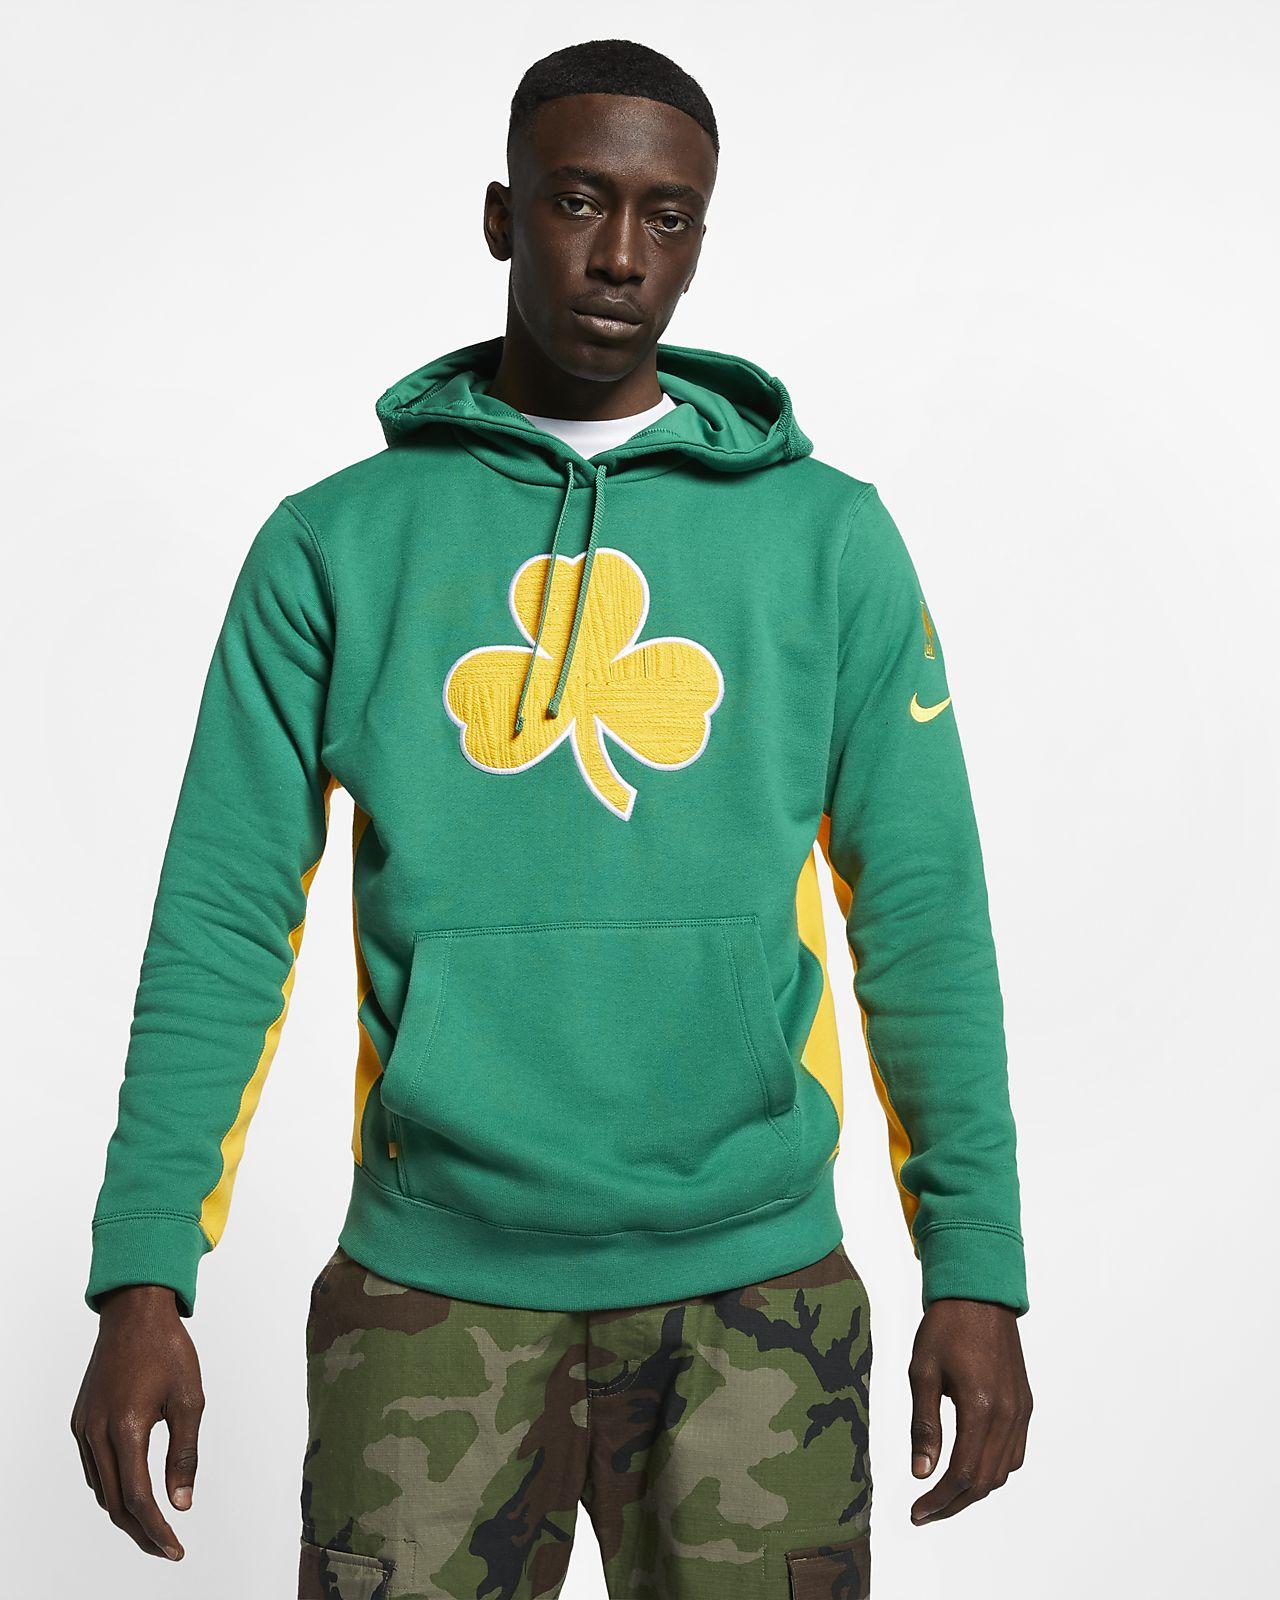 Boston Fr À Celtics Pour Capuche Nba Homme Nike Sweat 46ZfZ